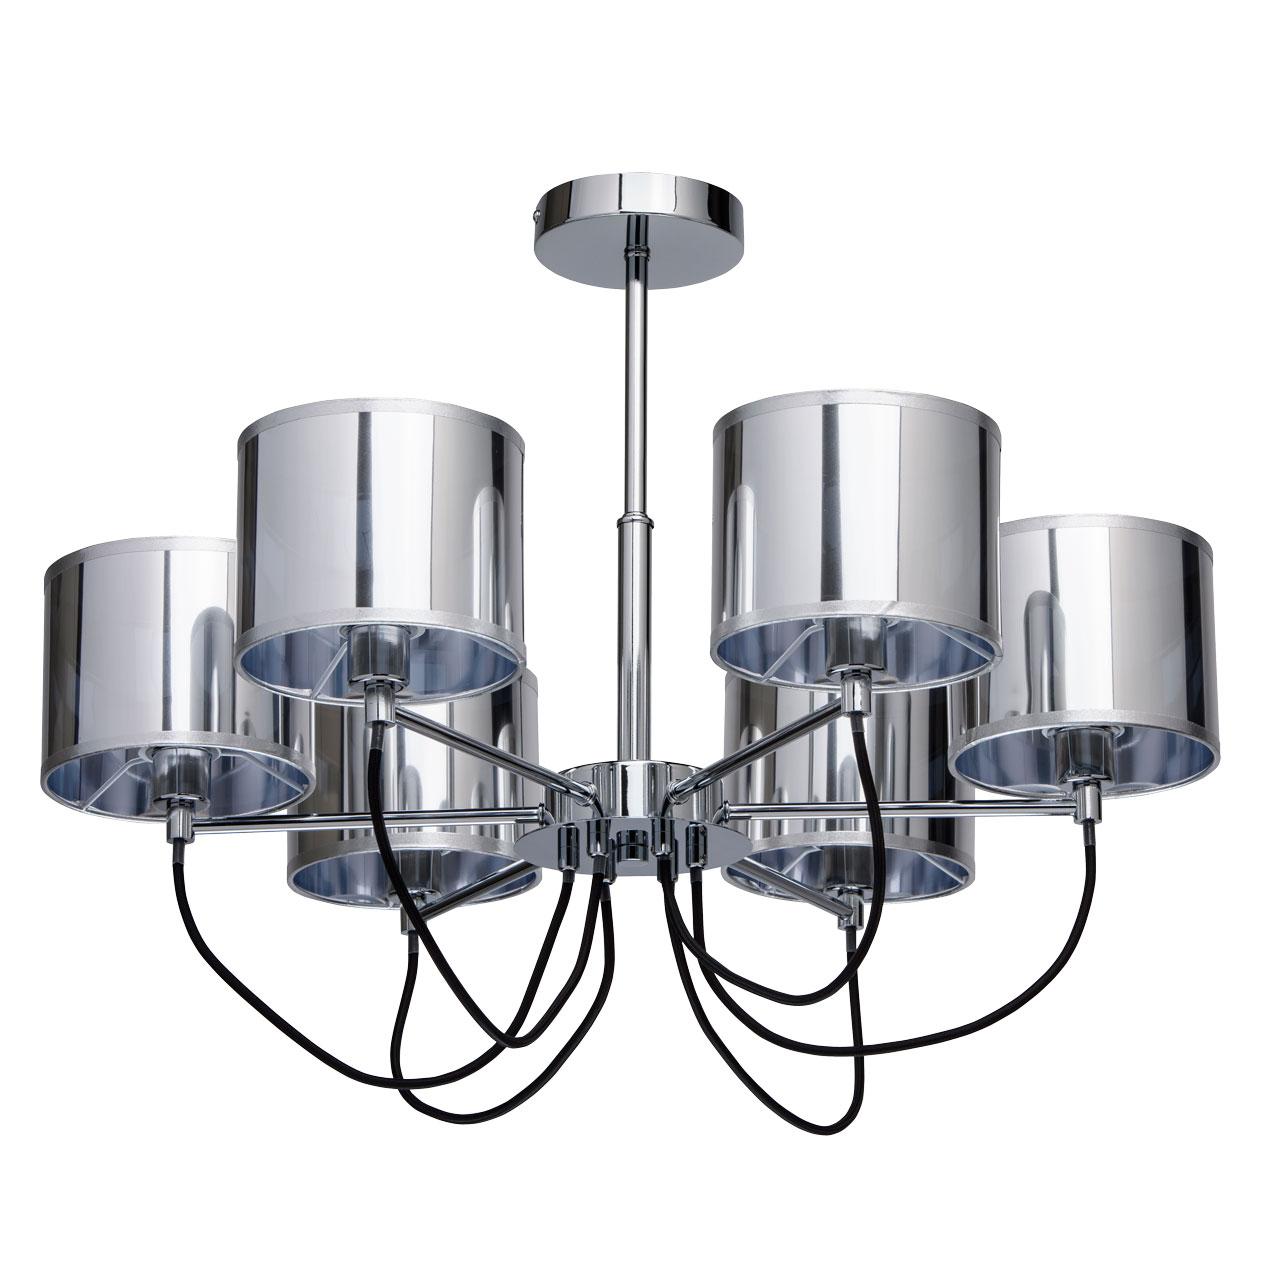 цена на Потолочный светильник MW-Light, E14, 240 Вт